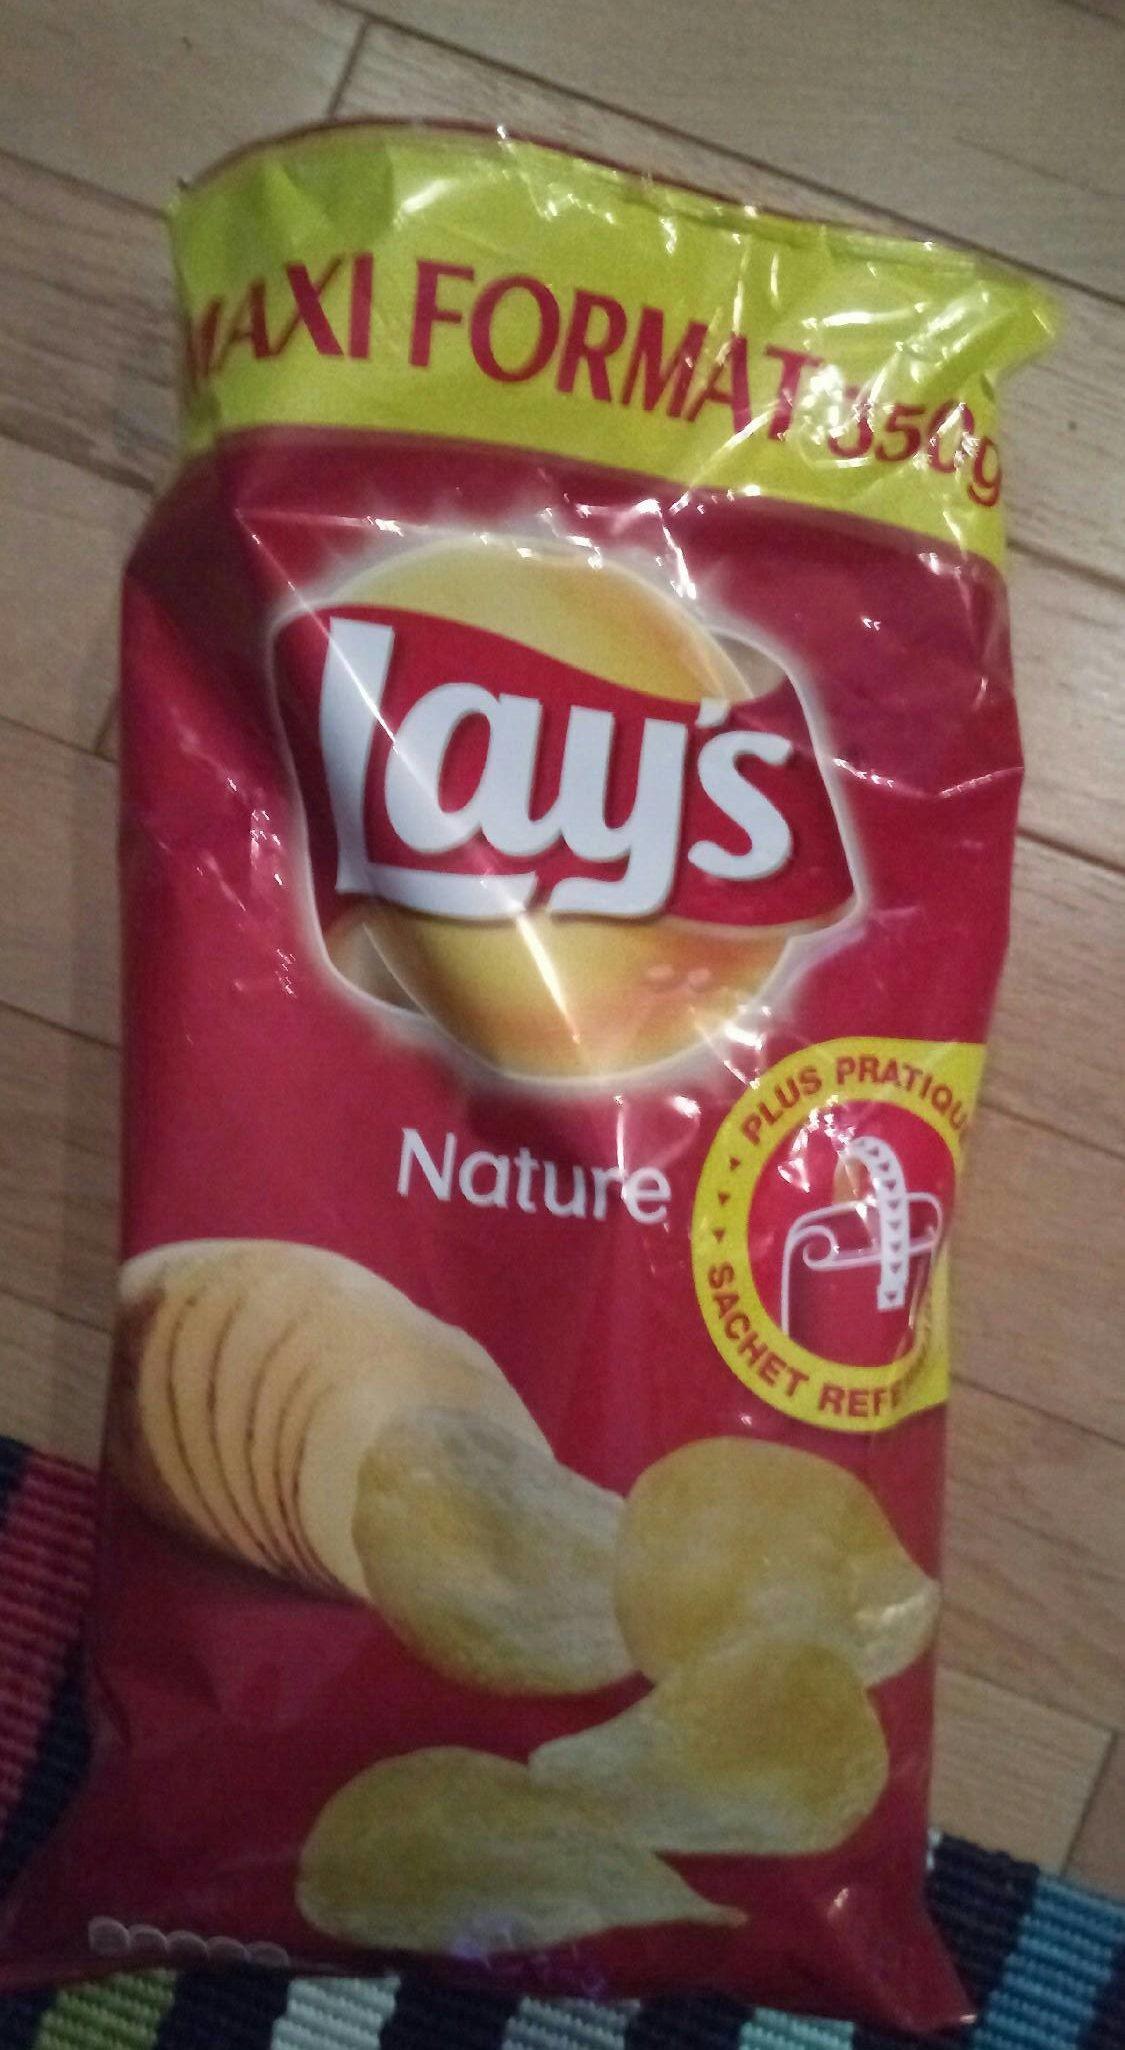 Chips nature maxi format - Produit - fr